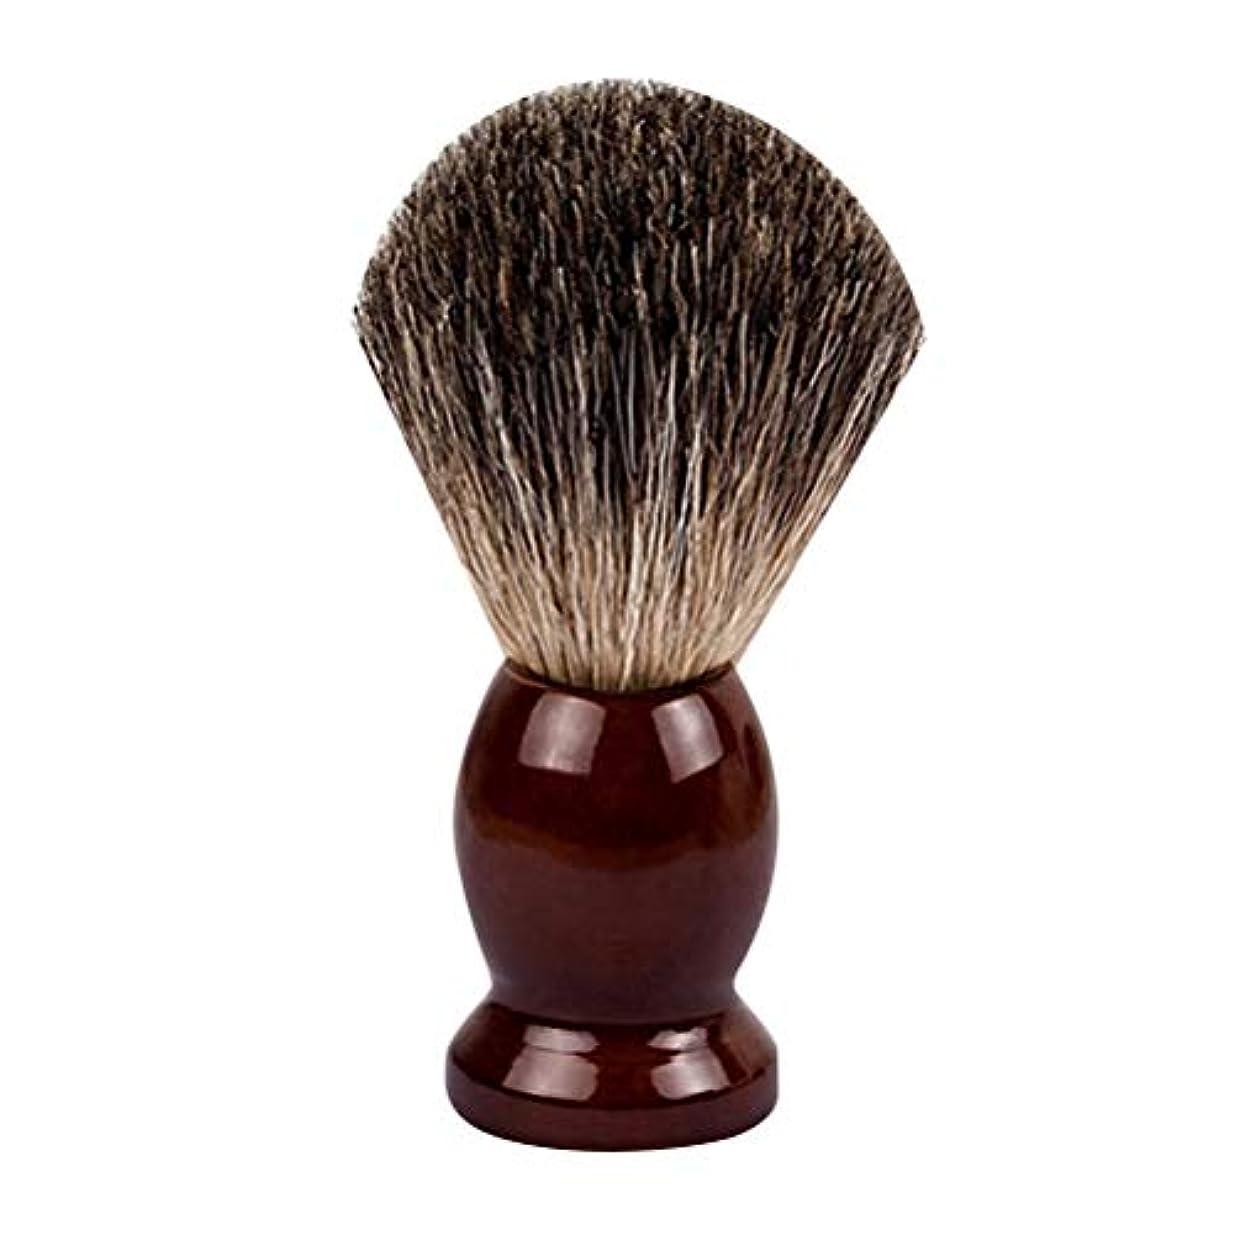 つかの間くさび呪いLurrose ひげ ブラシ シェービング ブラシ ウッドハンドル ヘア サロンツール 男性用